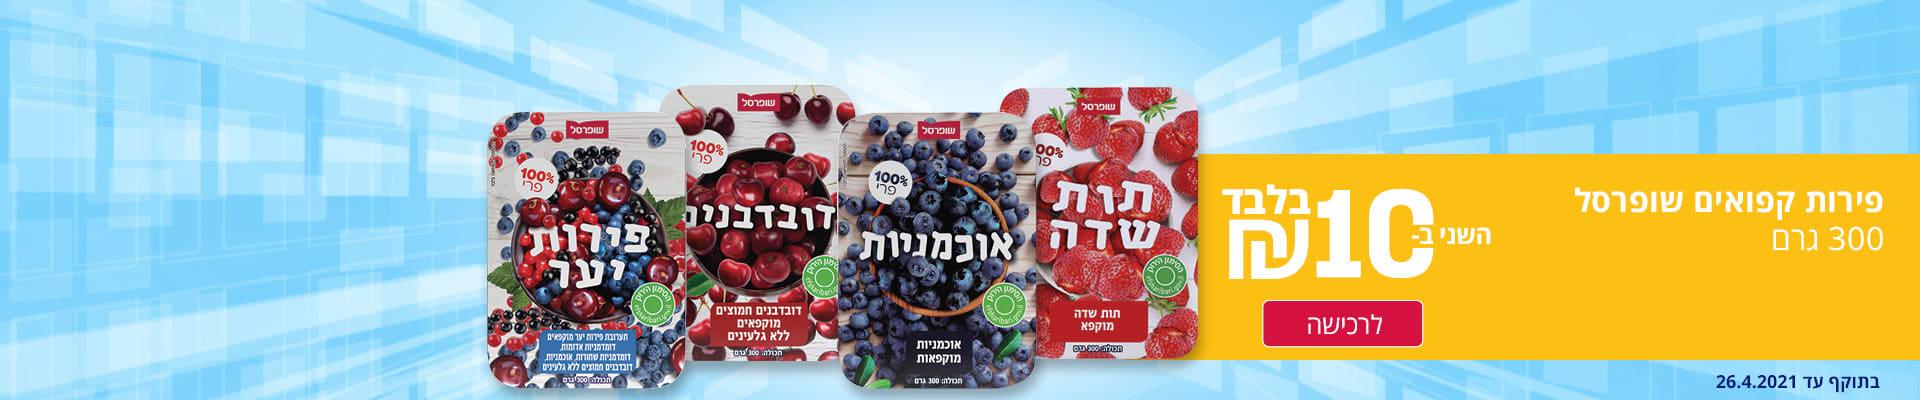 פירות קפואים שופרסל 300 גרם השני ב- 10 ₪ בלבדלרכישה בתוקף עד 26.4.2021